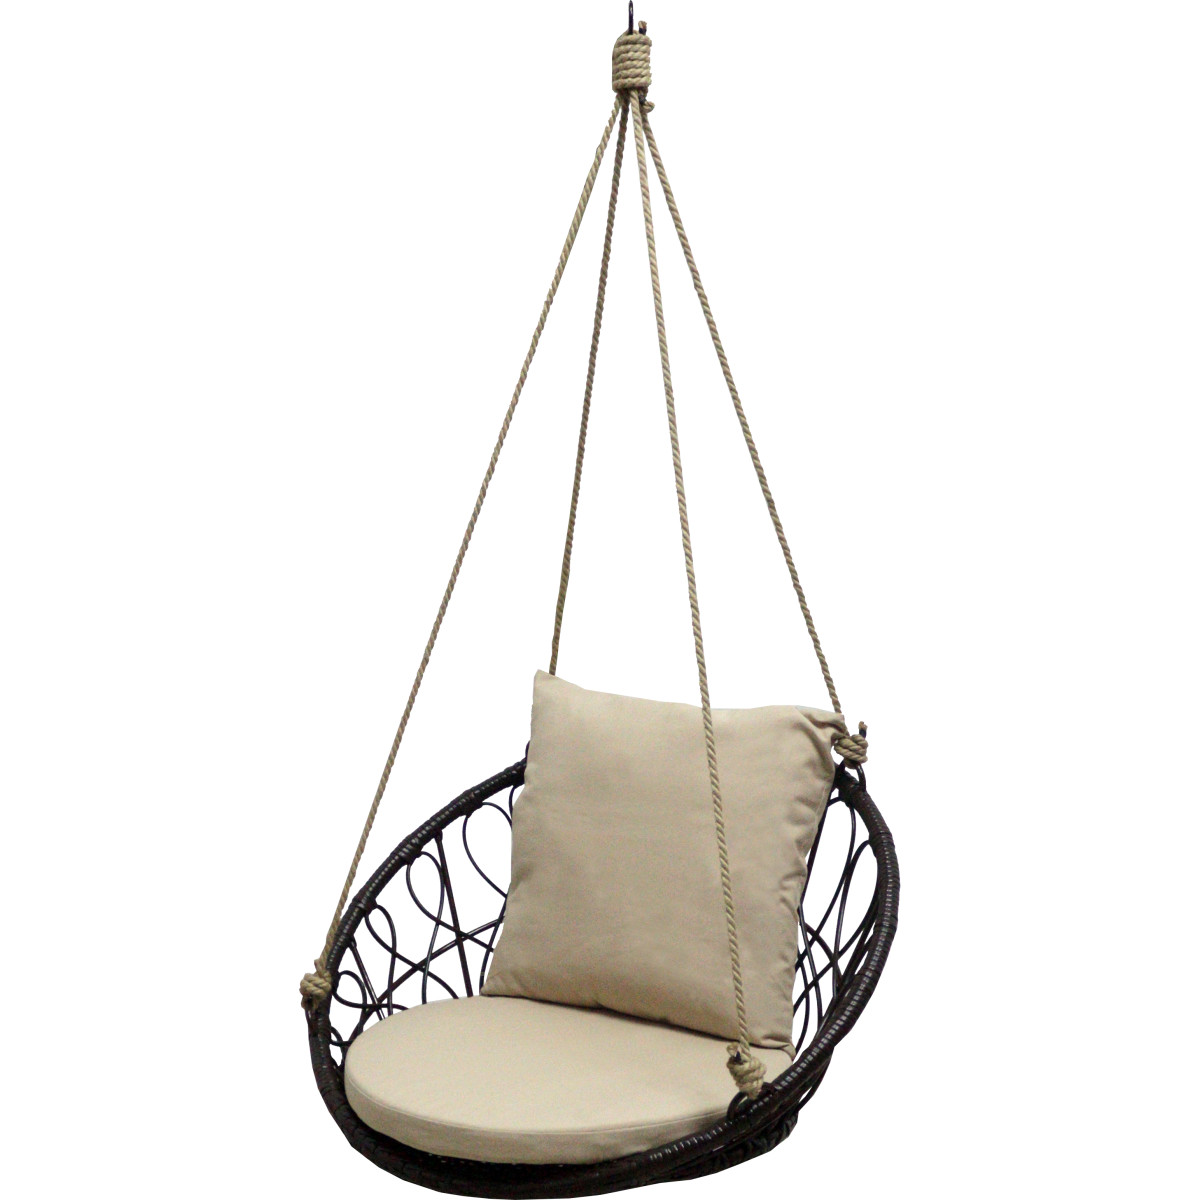 Кресло подвесное без опоры Siesta 2 80x56.5x70.6 см искусственный ротанг темно-коричневый/бежевый